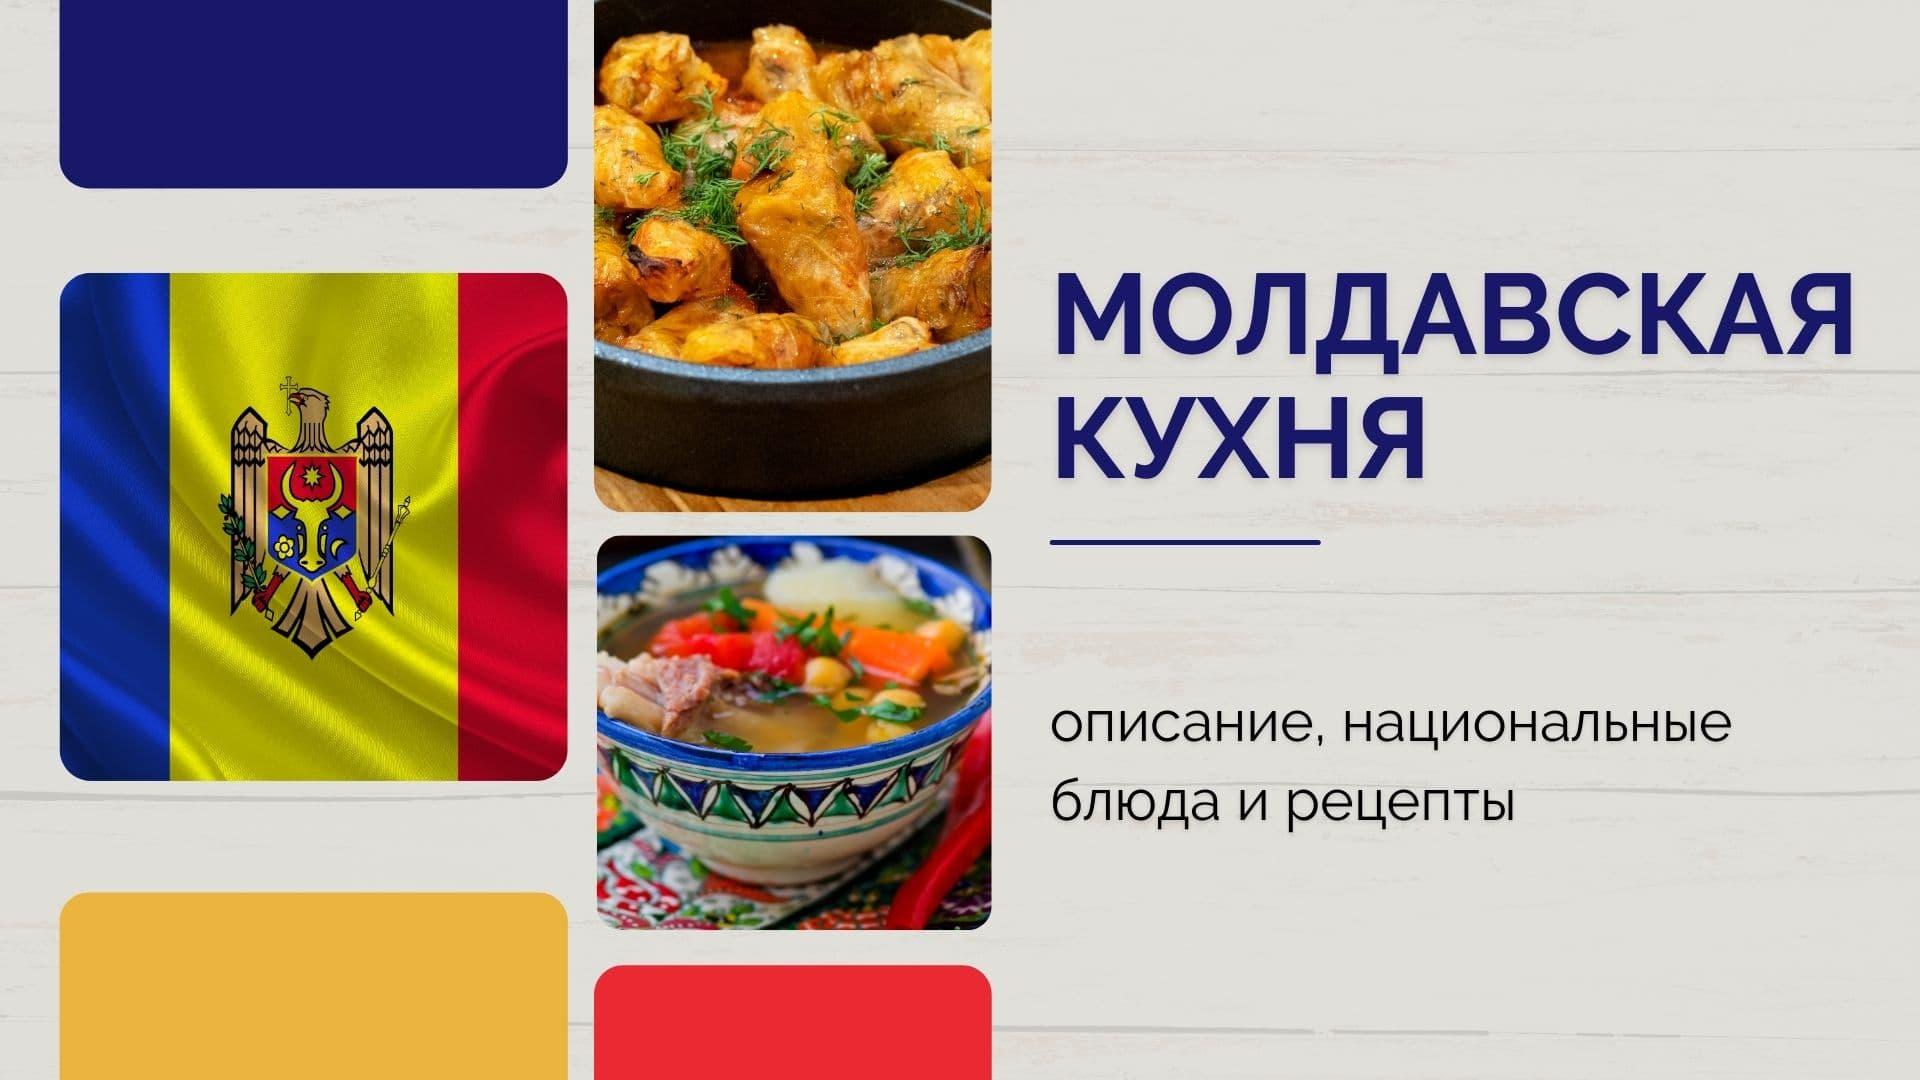 Молдавская кухня: описание, национальные блюда и рецепты